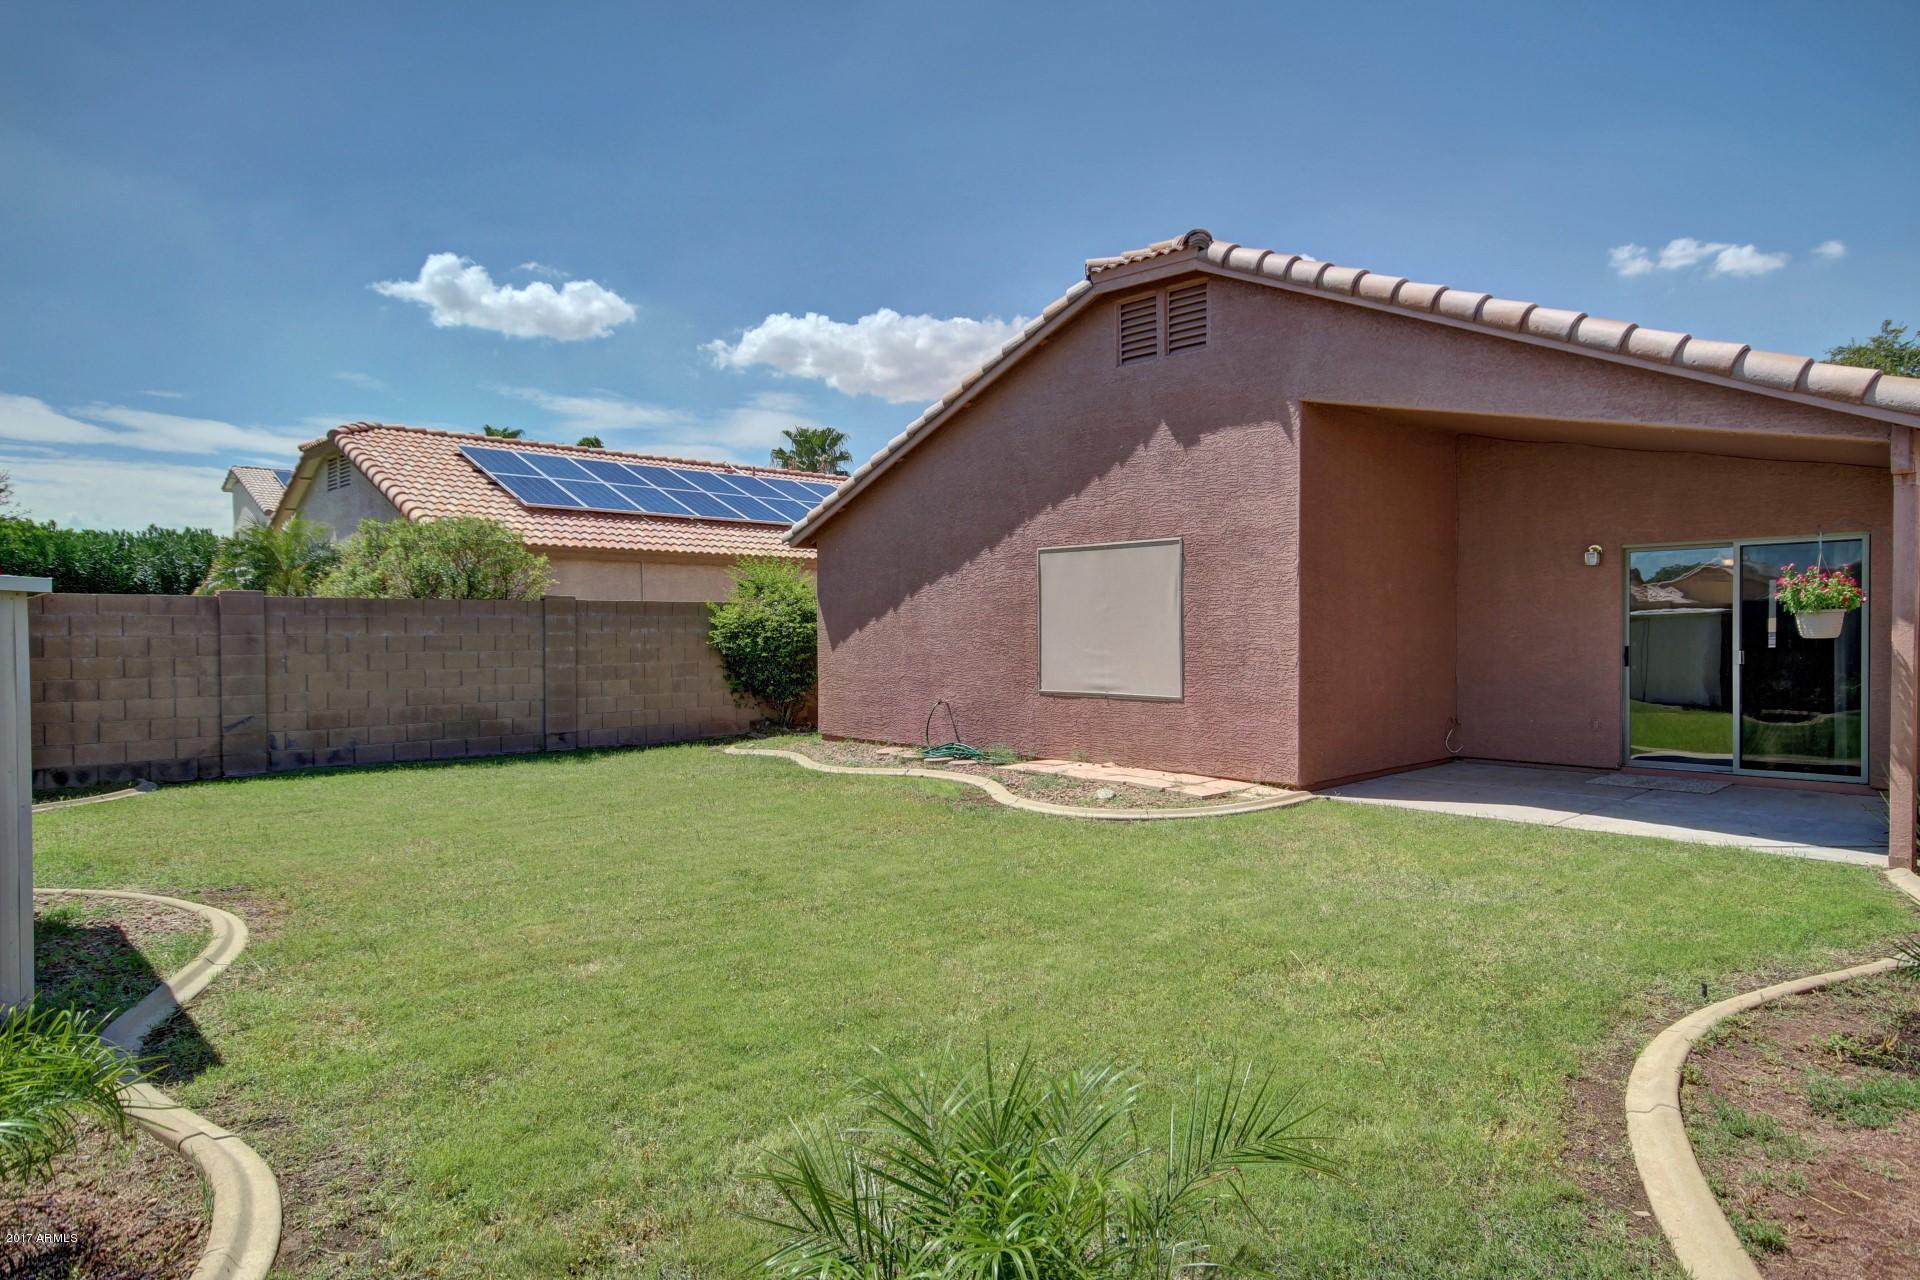 16169 W Davis  Road Surprise, AZ 85374 - img26